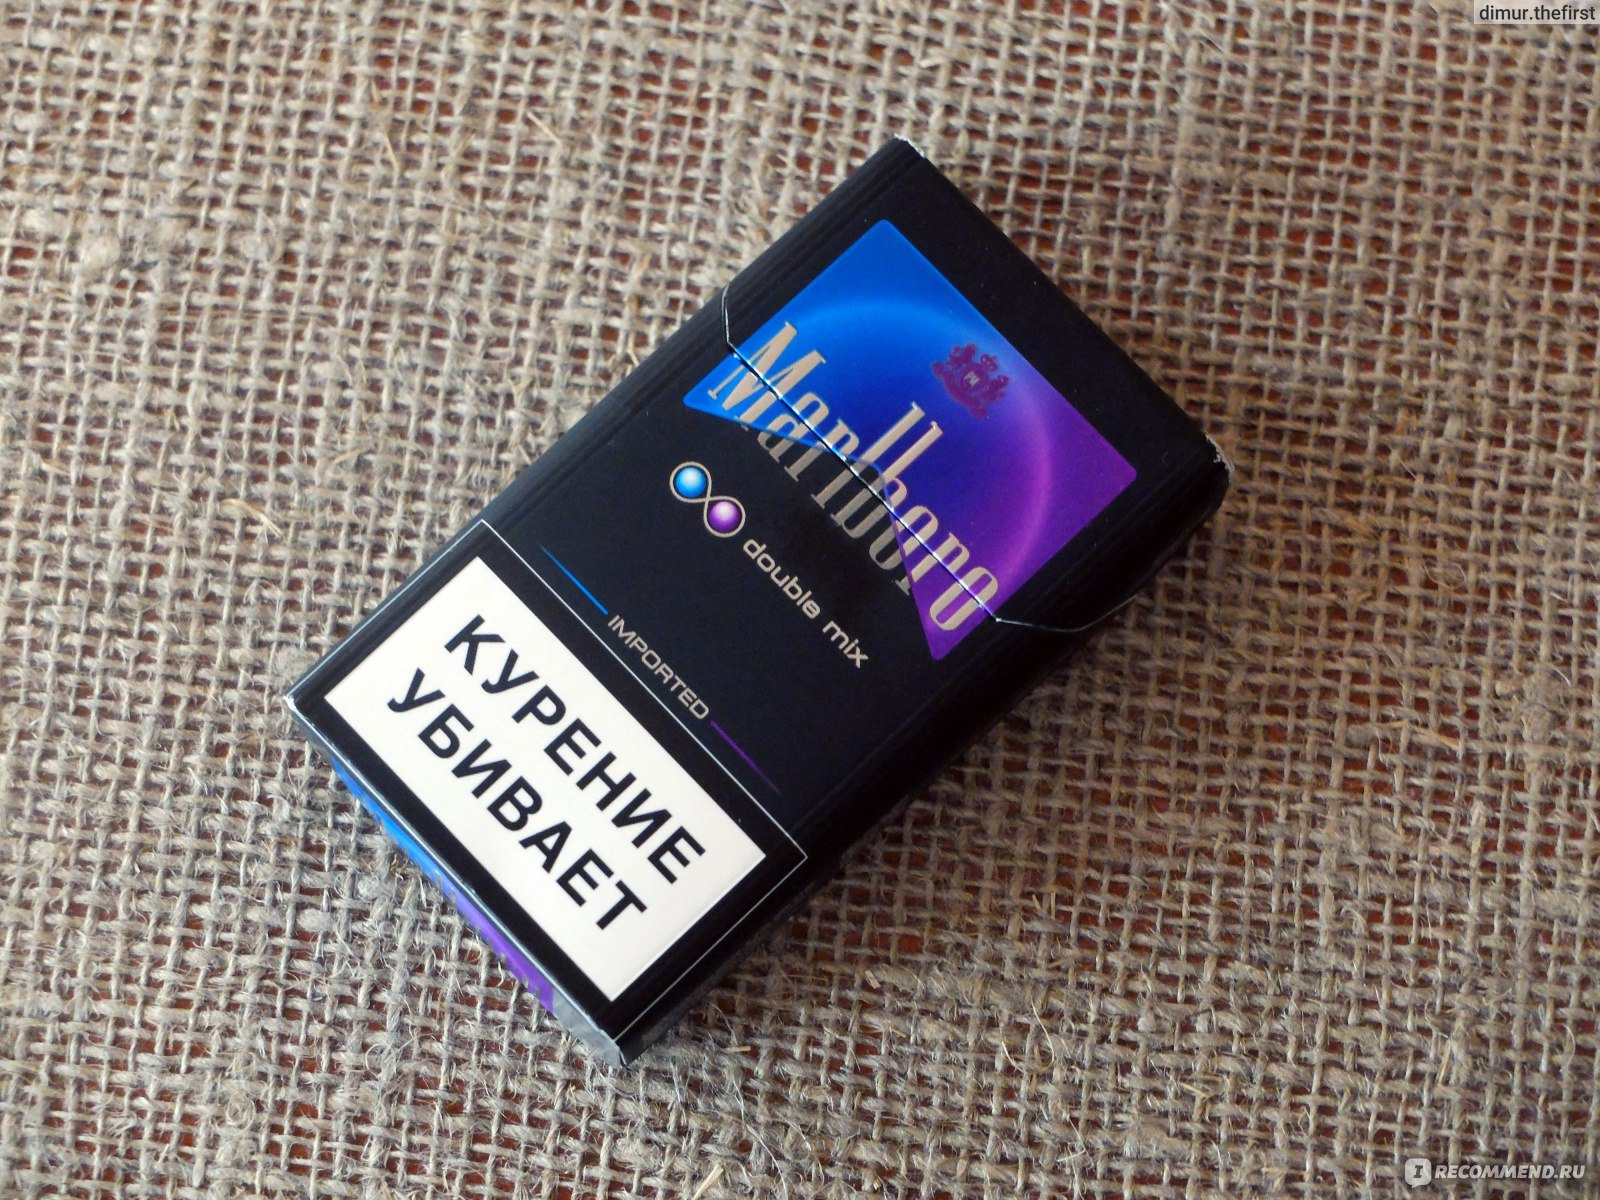 Сигареты с кнопкой купить правила продажи табака и табачных изделий